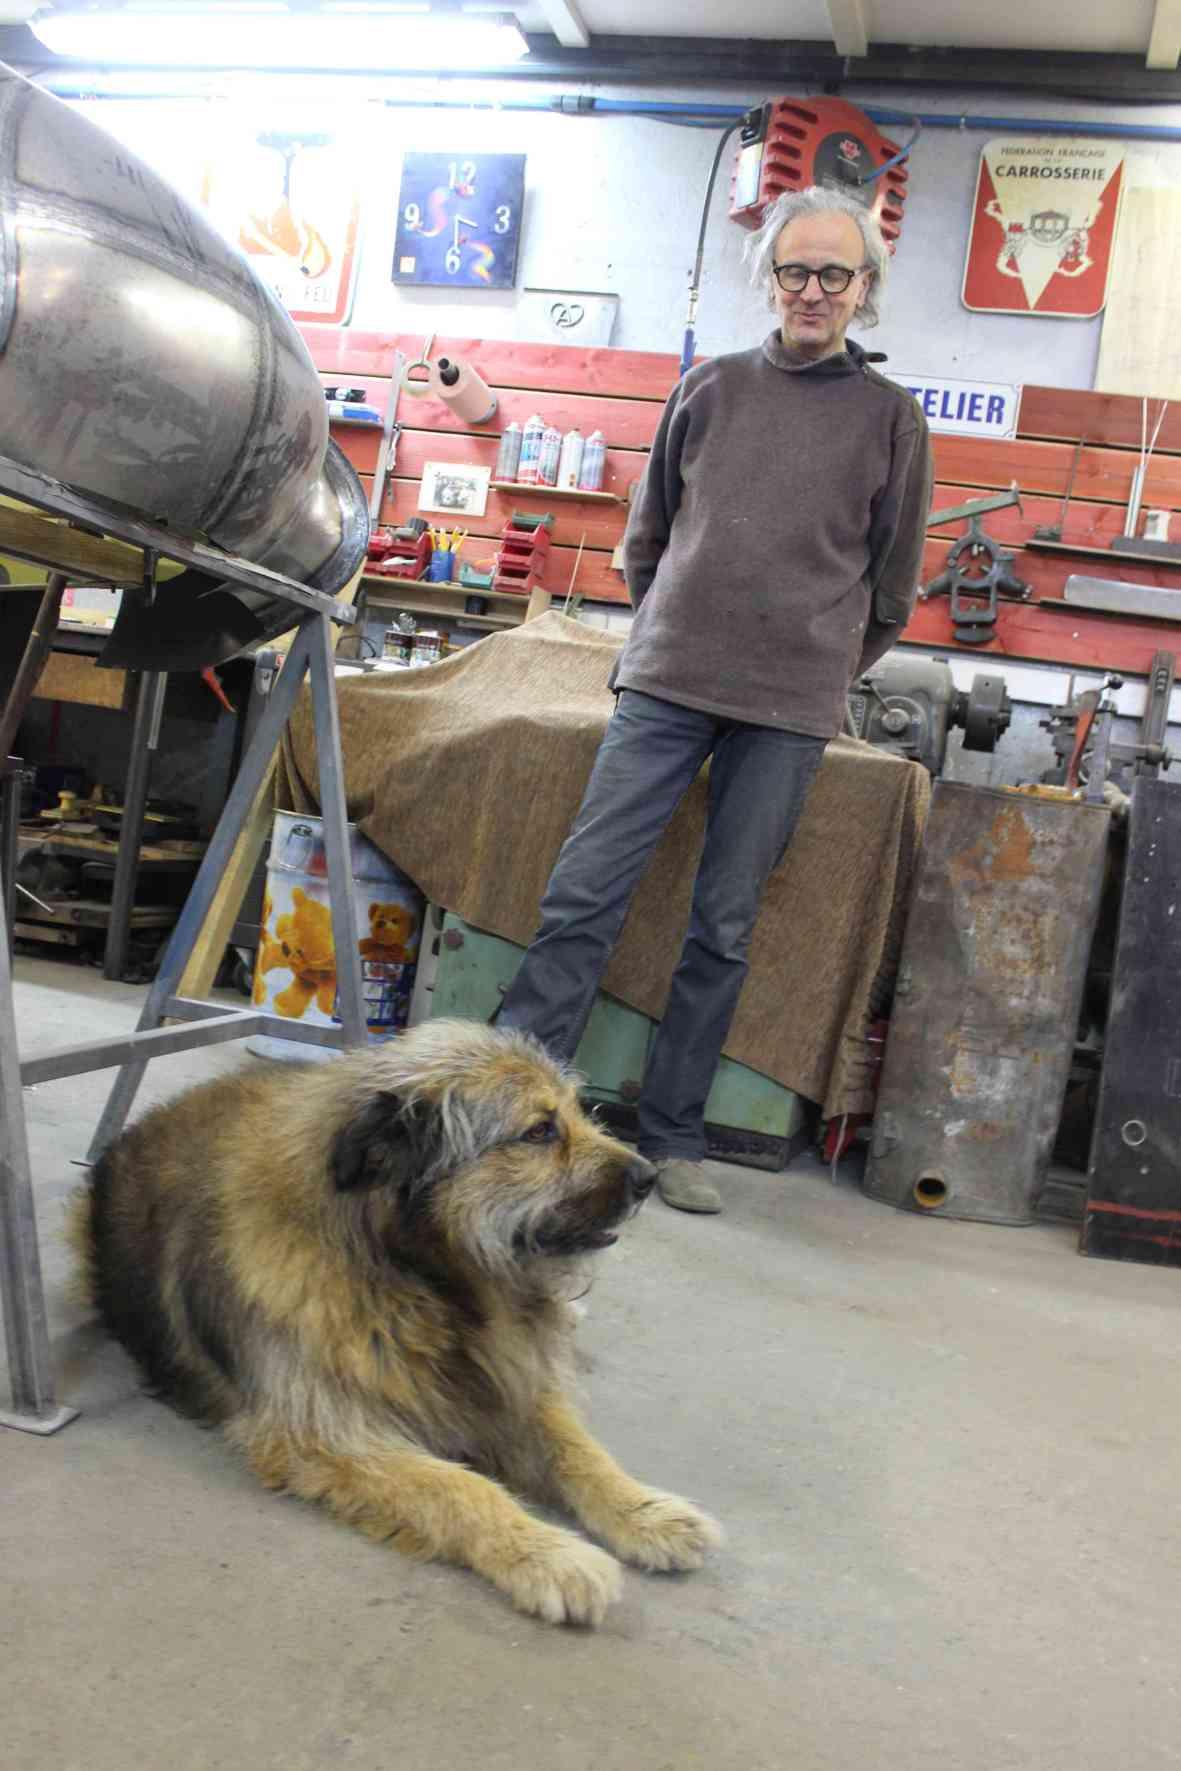 Definitiv auf den Hund gekommen: Karosseriebauer Hubert Haberbusch liebt seinen Diego